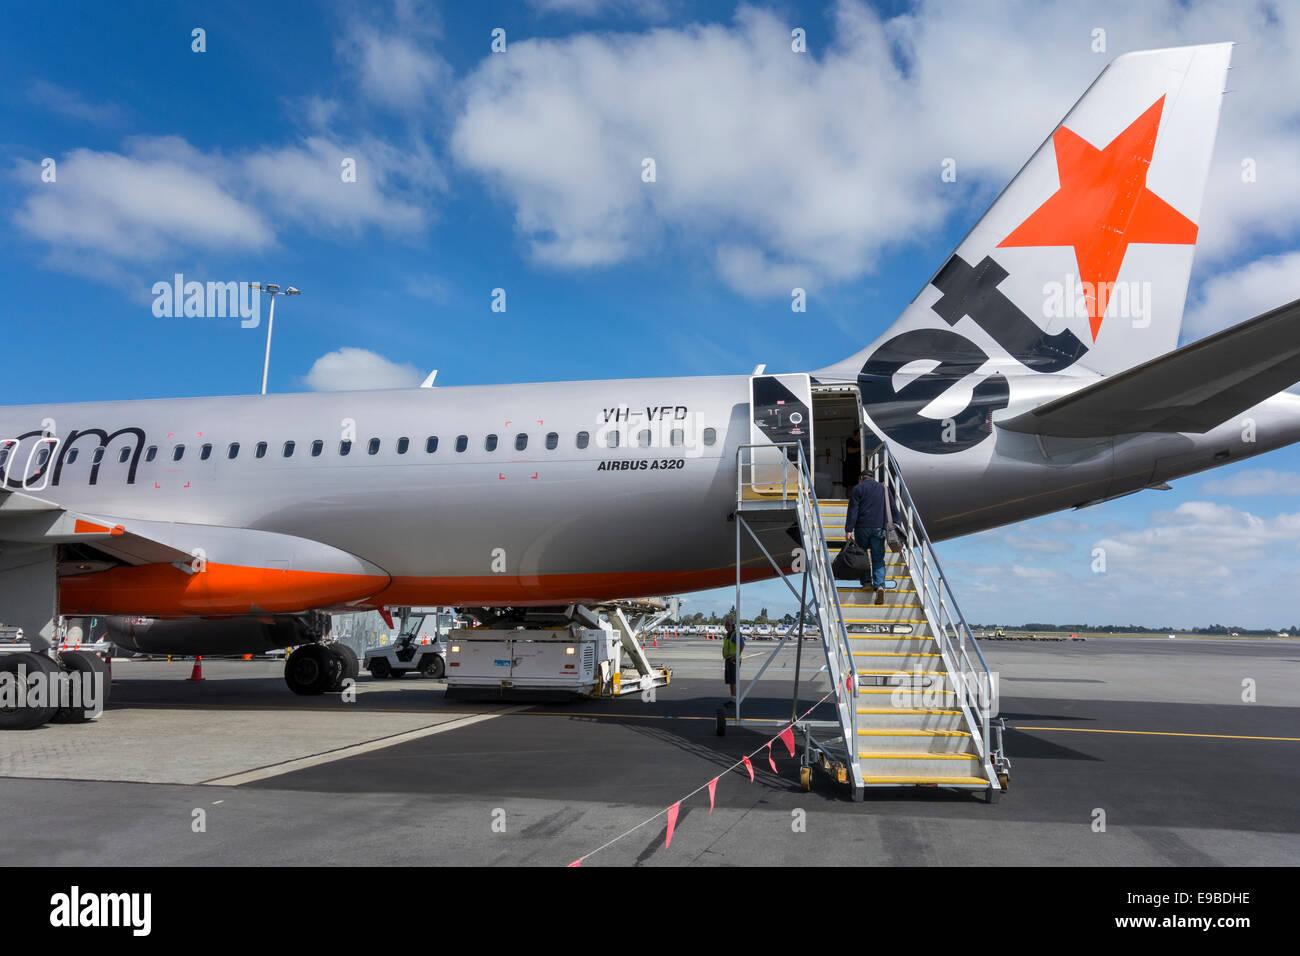 Un Jetstar320 à l'Aéroport de Christchurch. Seul un d'embarquement des passagers à l'aide Photo Stock